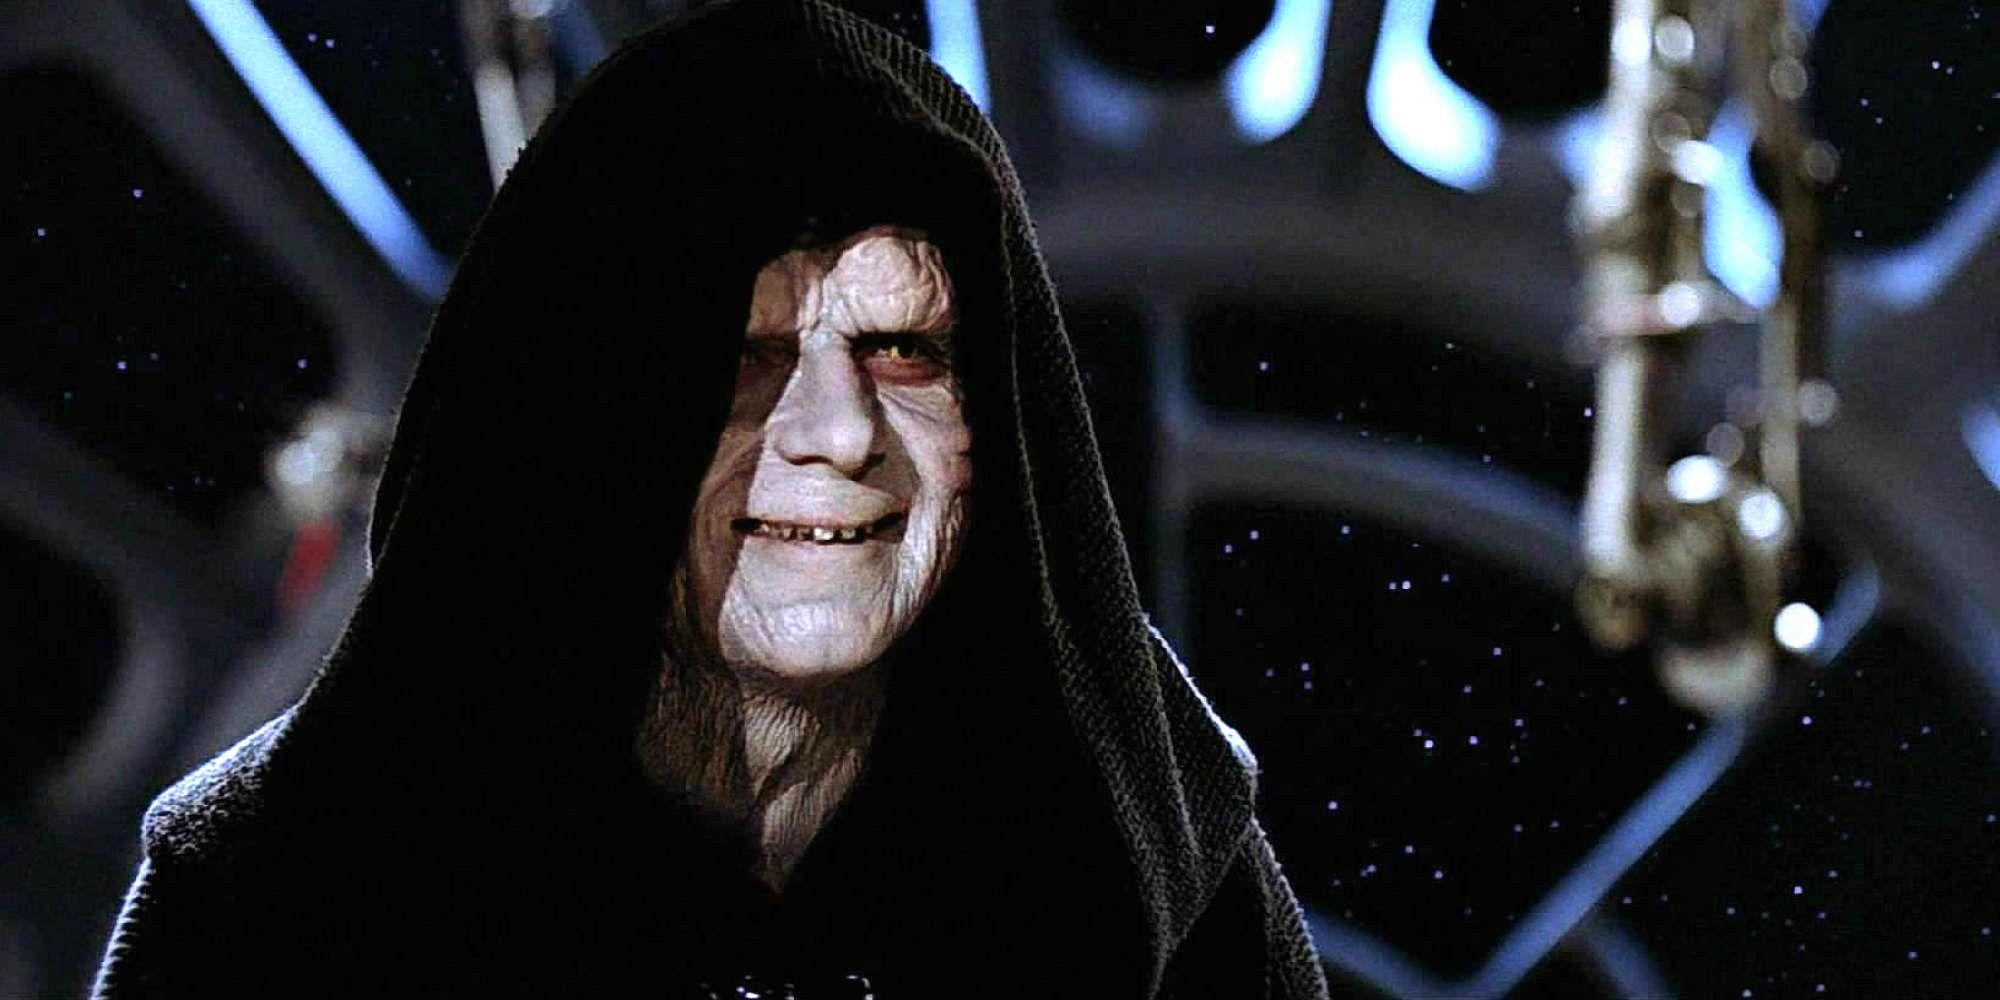 Star-Wars-Emperor-Palpatine.jpg